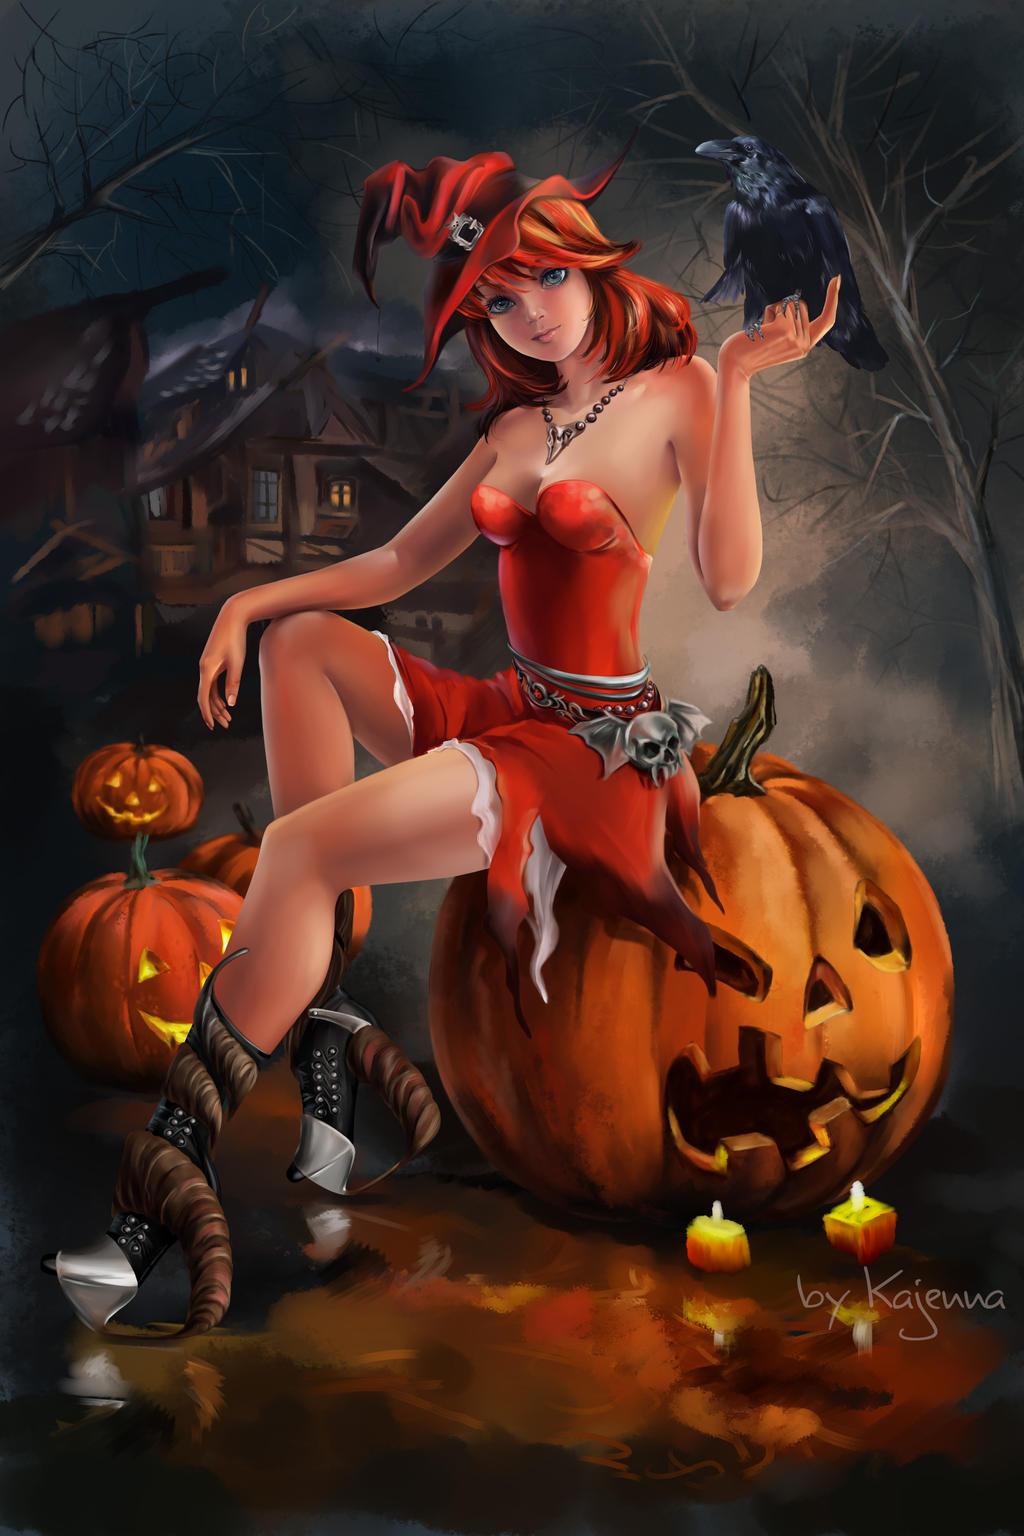 hot halloween wallpapers - photo #37